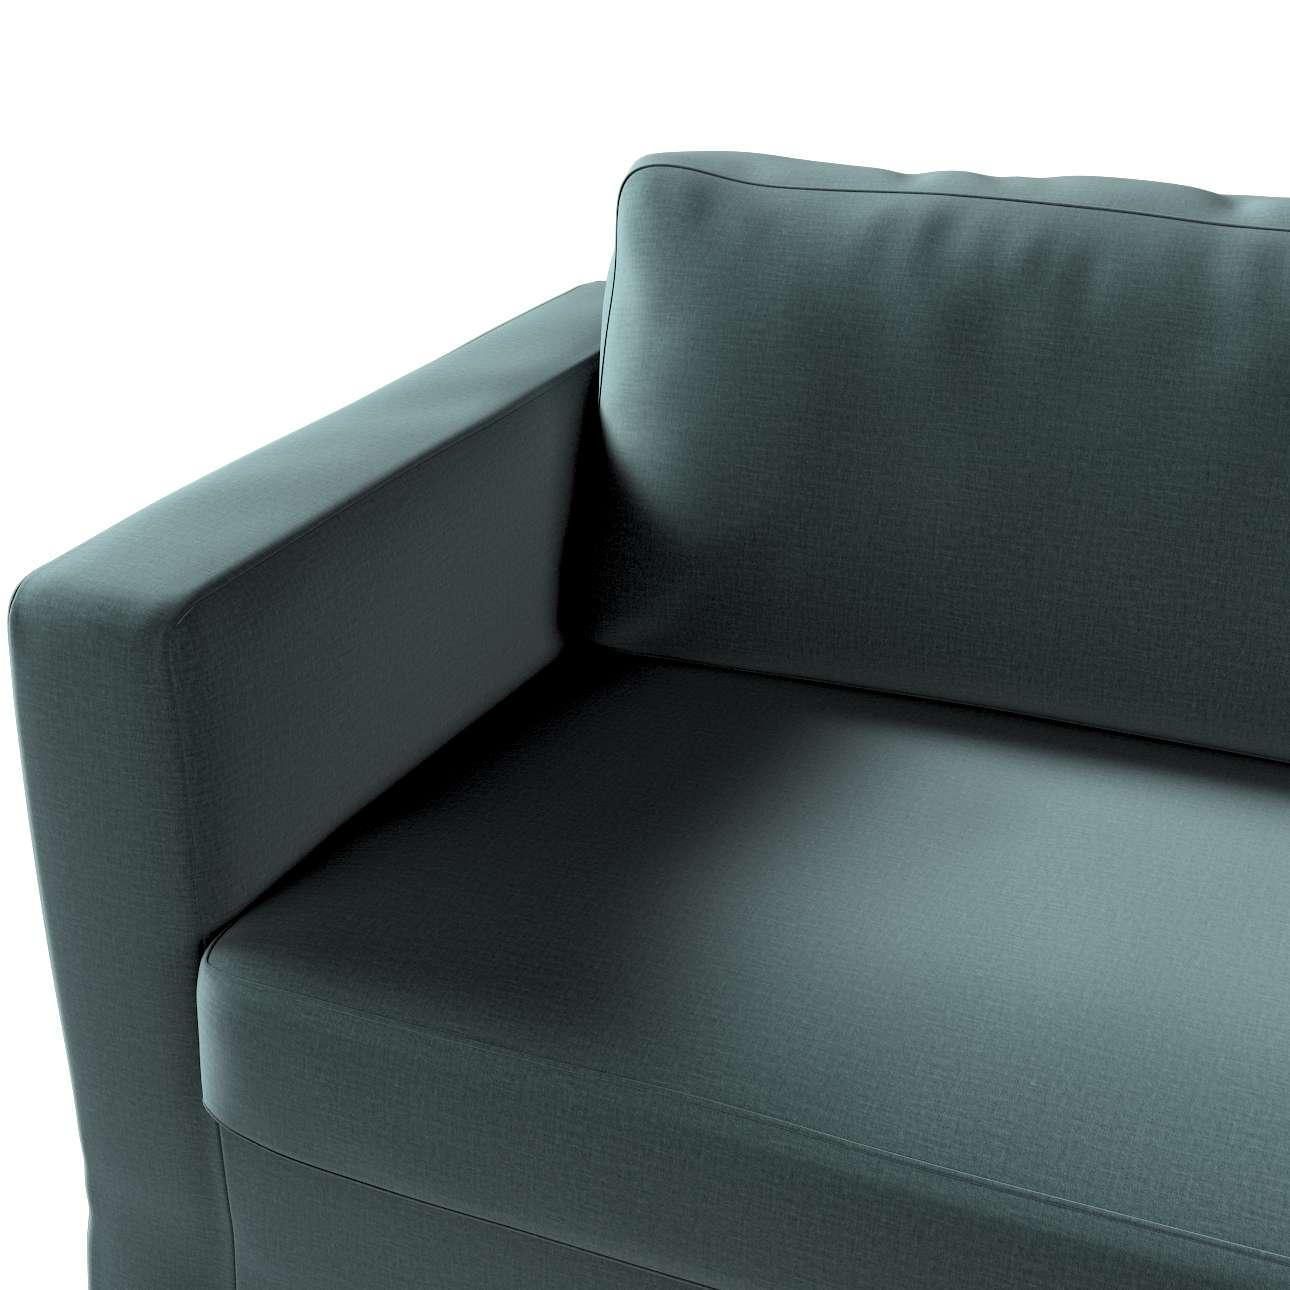 Karlstad klädsel 3-pers. soffa -  lång - 204cm i kollektionen Ingrid, Tyg: 705-36